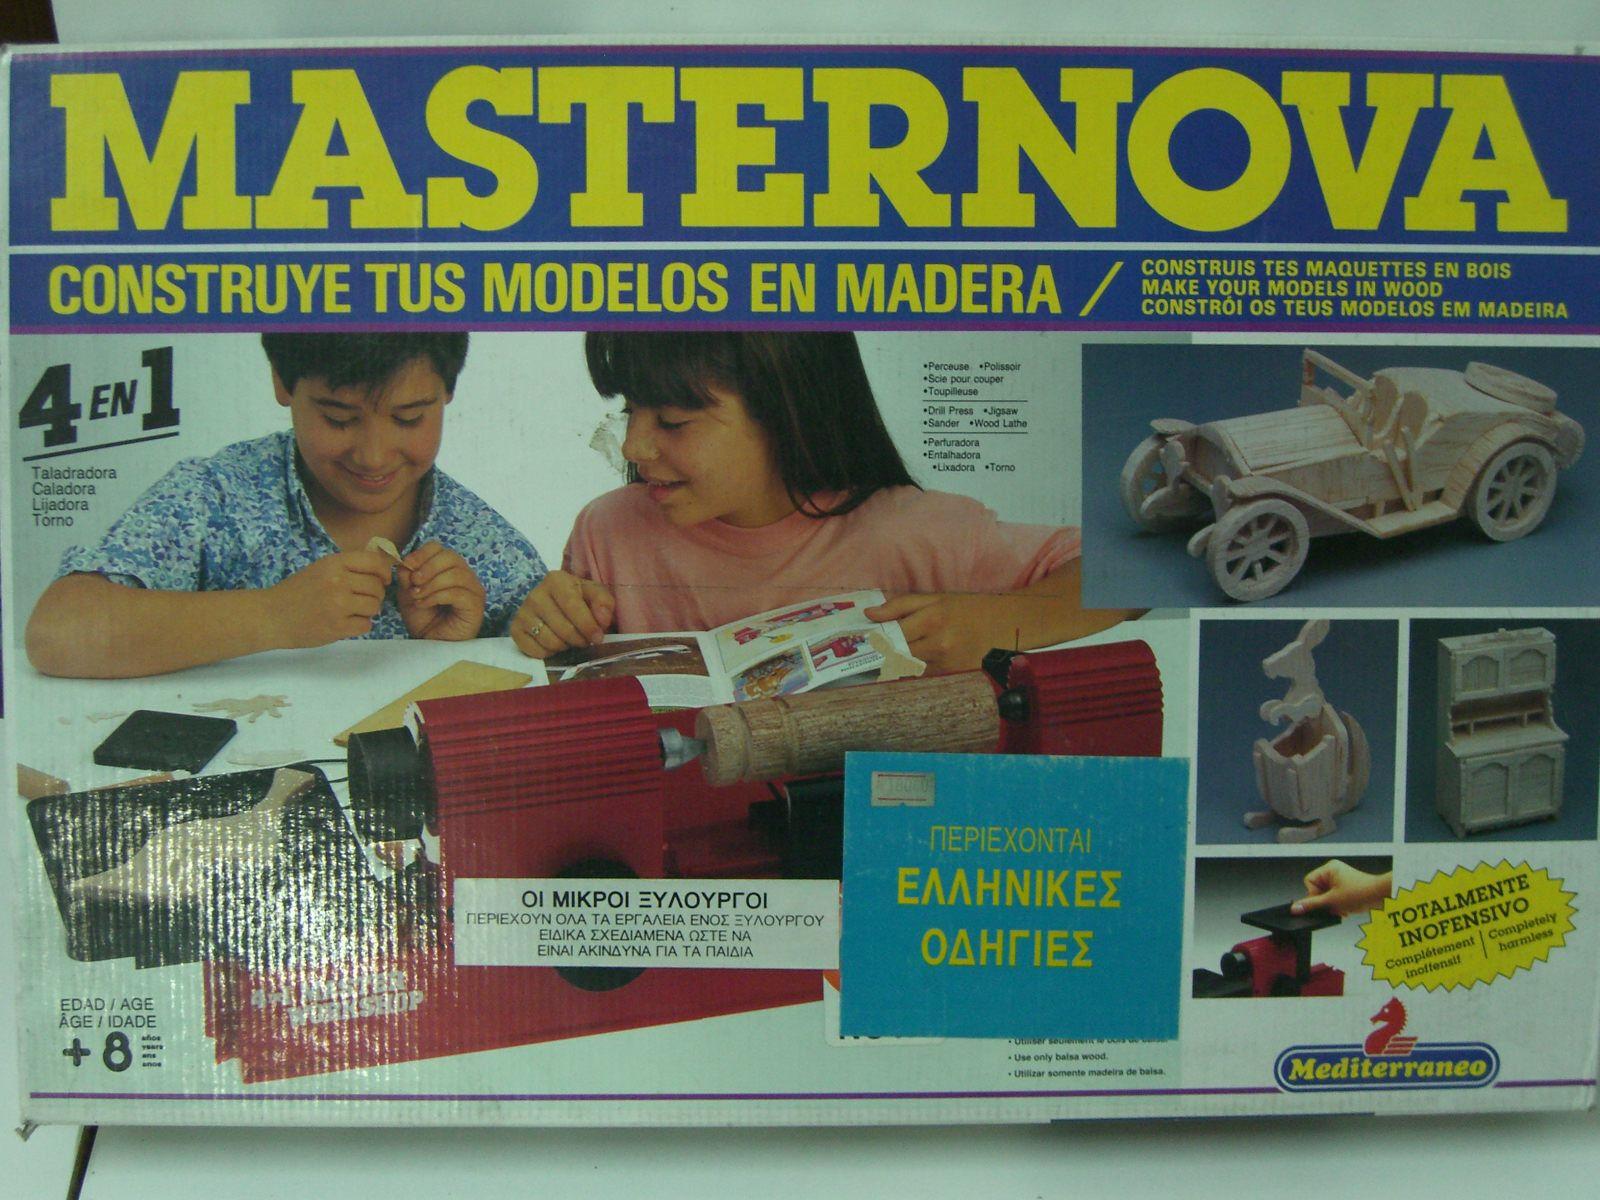 VINTAGE 90S MEDITERRANEO NOVA MASTERNOVA CARPENTER WOOD WORKSHOP EDUCATIONAL MIB